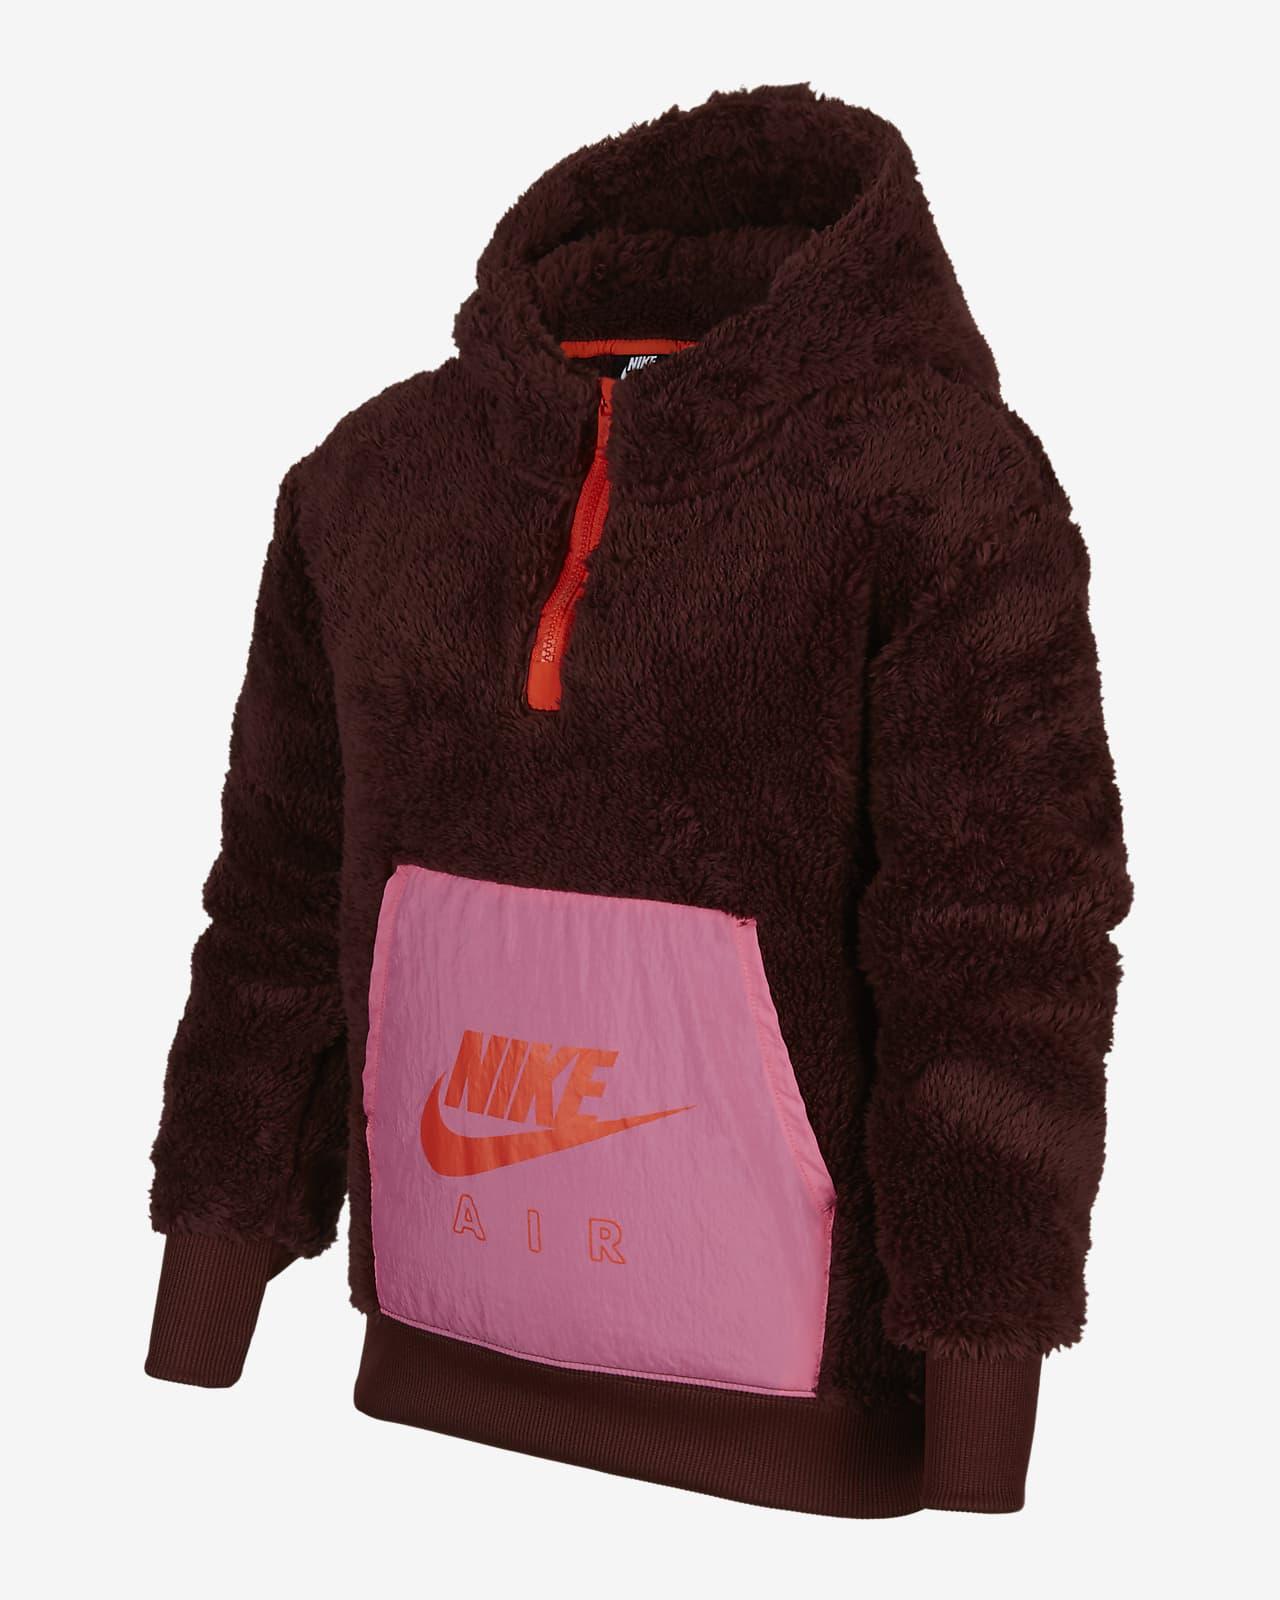 Nike Air 大童(女孩)连帽绒衫